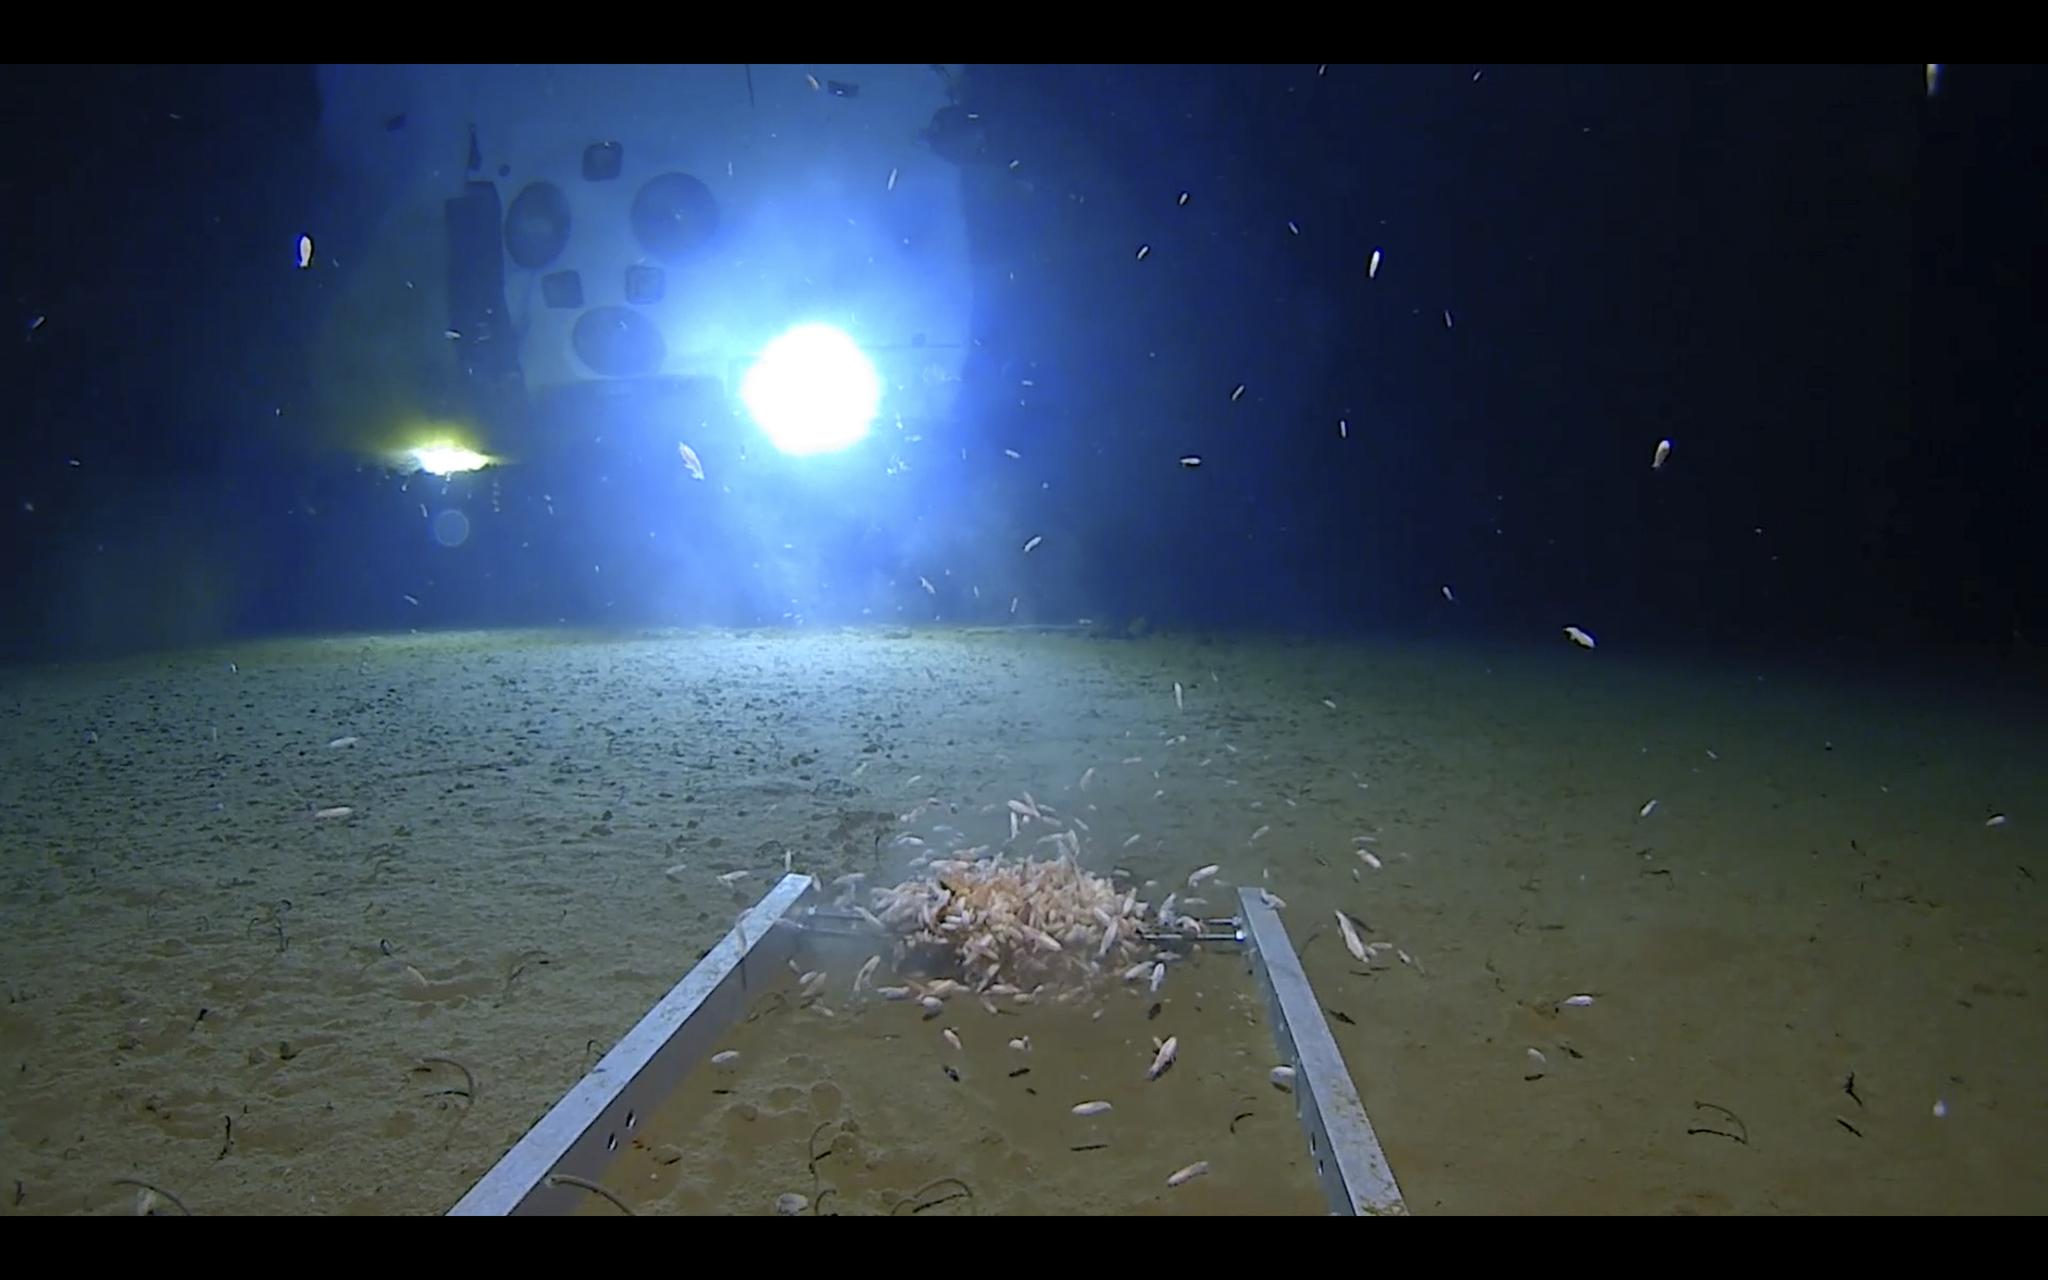 지난 5월 1일 마리아나 해구 가장 깊은 곳까지 들어간 잠수정 '리미팅 팩터스(Liminting Factors)'가 촬영한 사진. 절지동물들이 잠수정 근처에서 헤엄을 치고 있다. 아틀랜틱 프로덕션이 디스커버리 태널에 제공한 사진이다.[AP=연합뉴스]